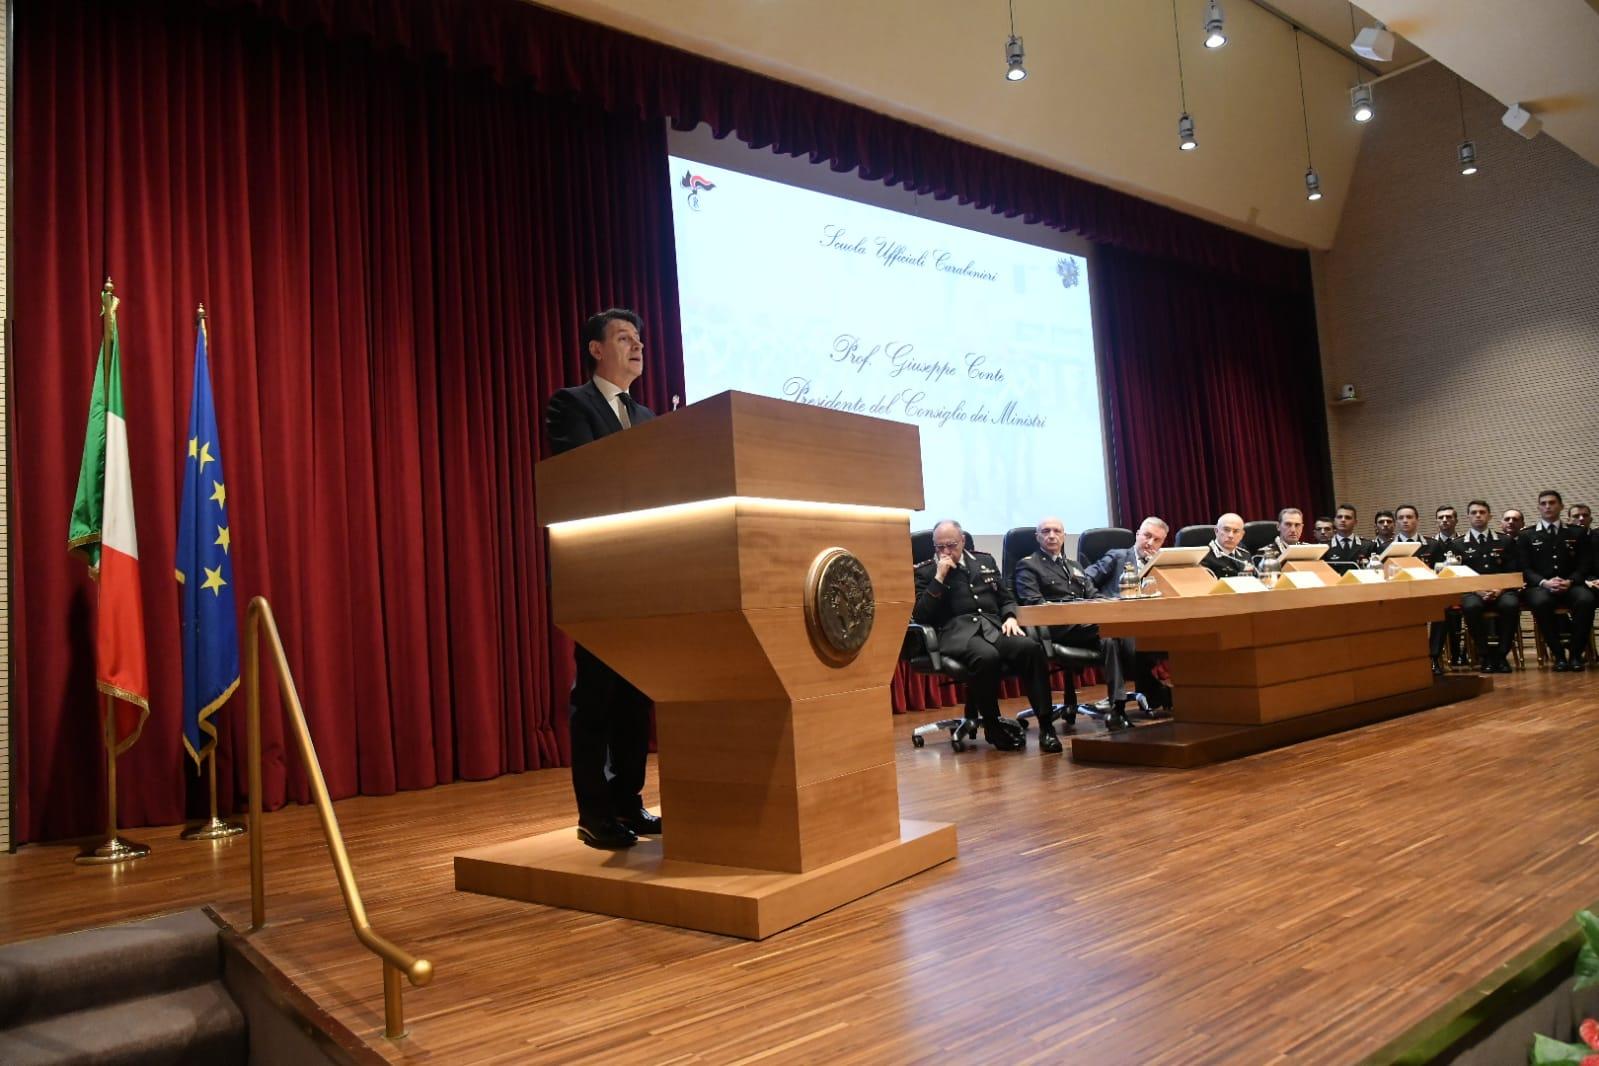 Inaugurazione anno accademico - Giuseppe Conte